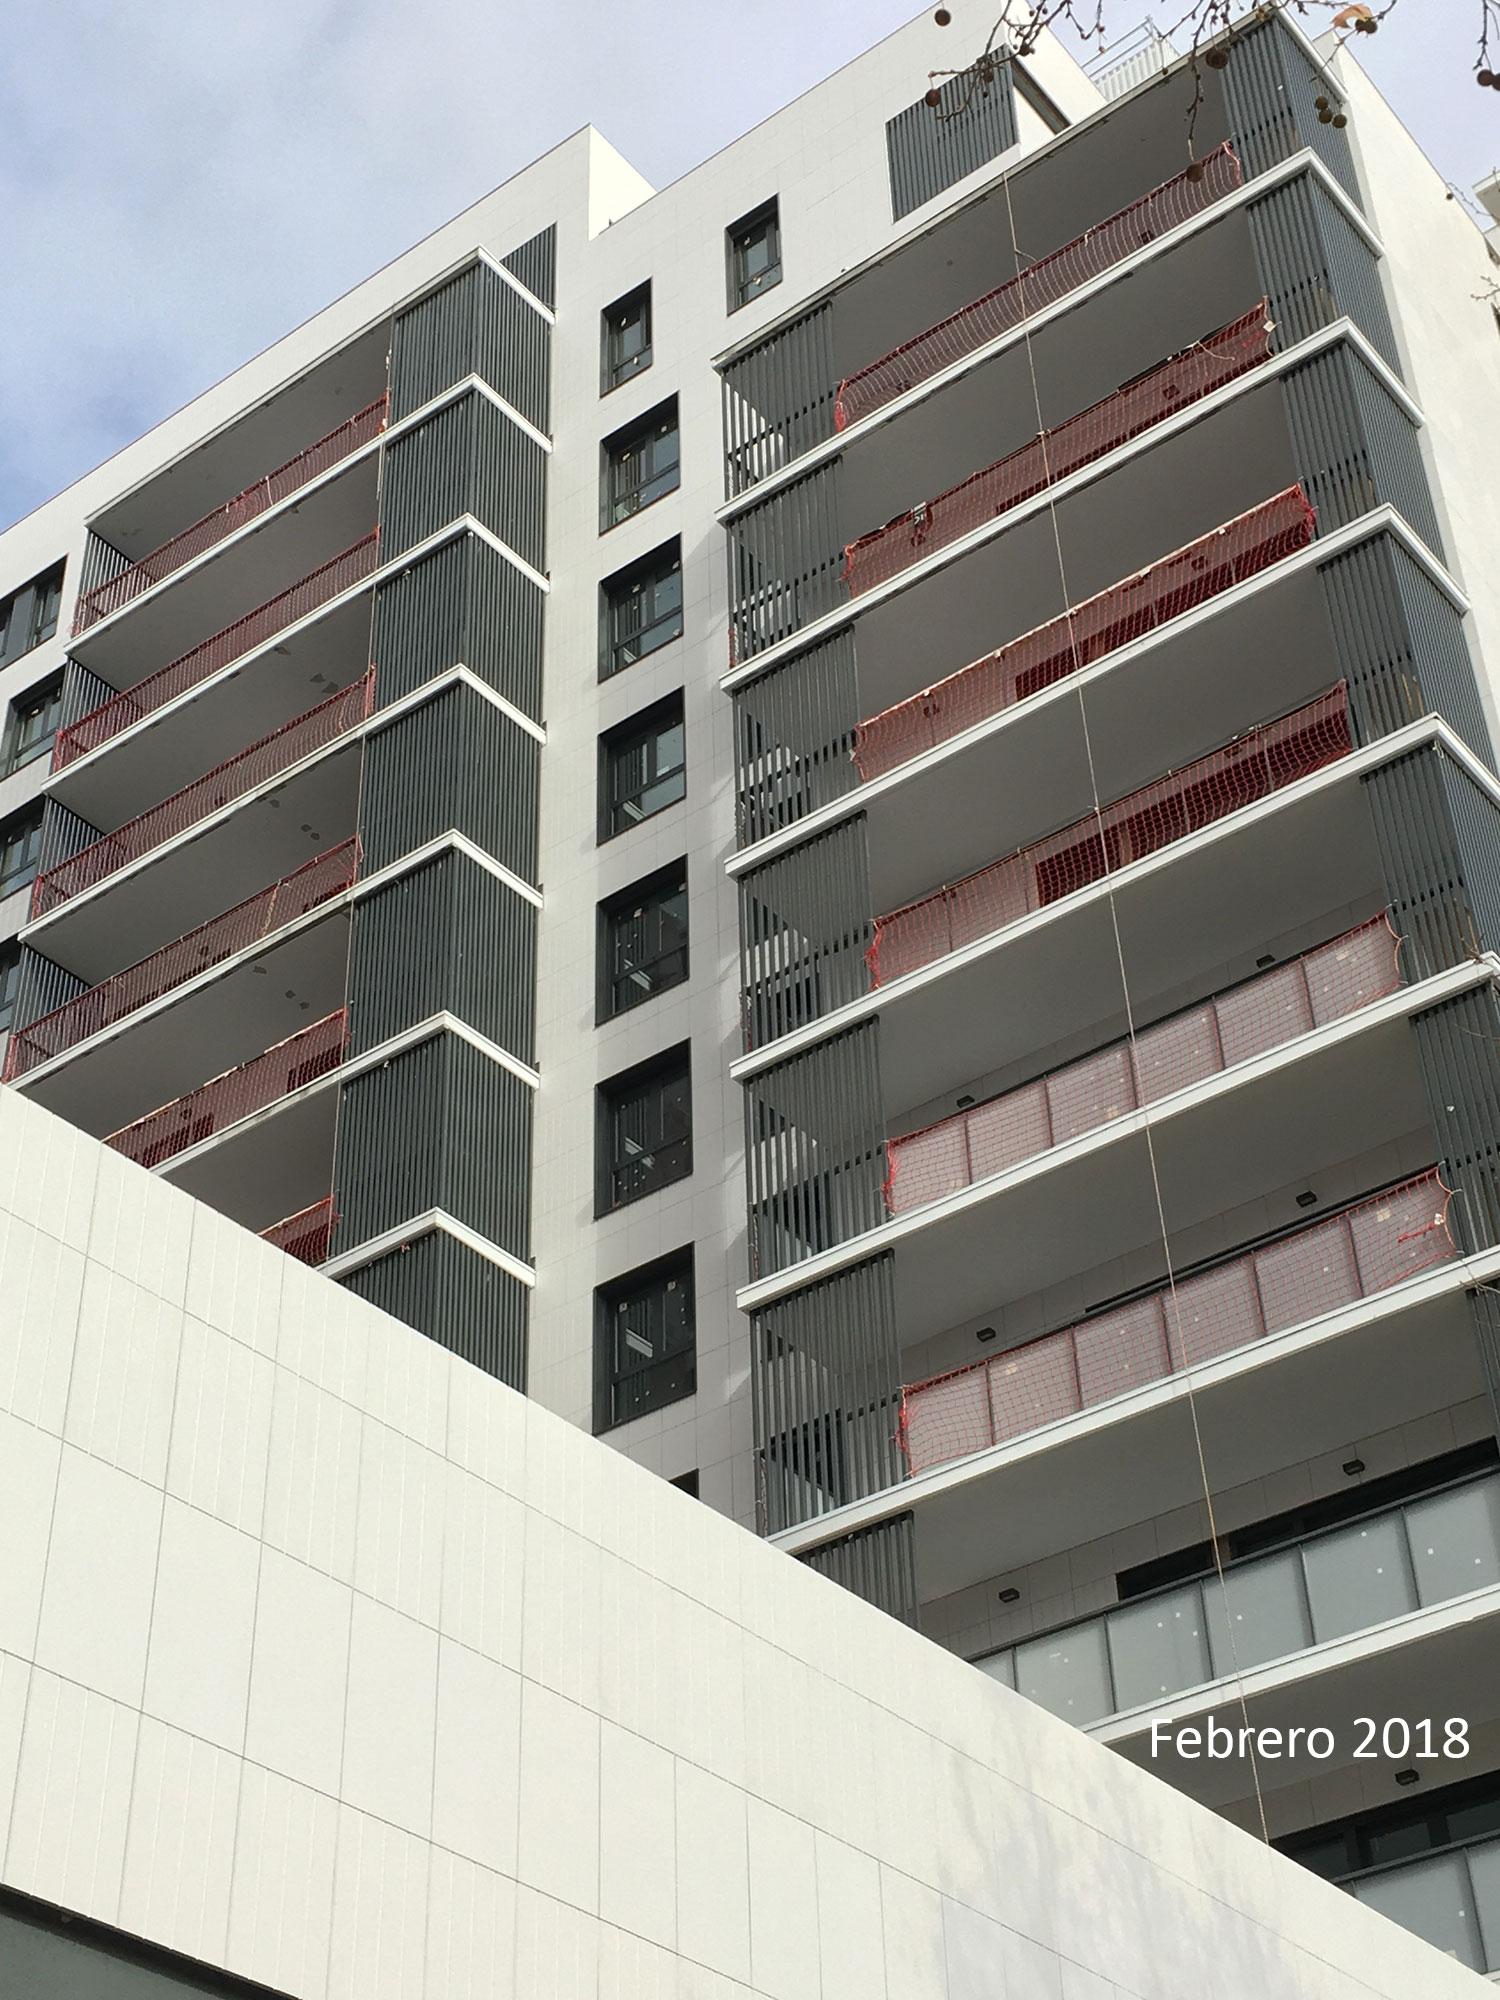 Promoci n pisos barcelona pisos obra nueva en barcelona - Pisos barcelona obra nueva ...